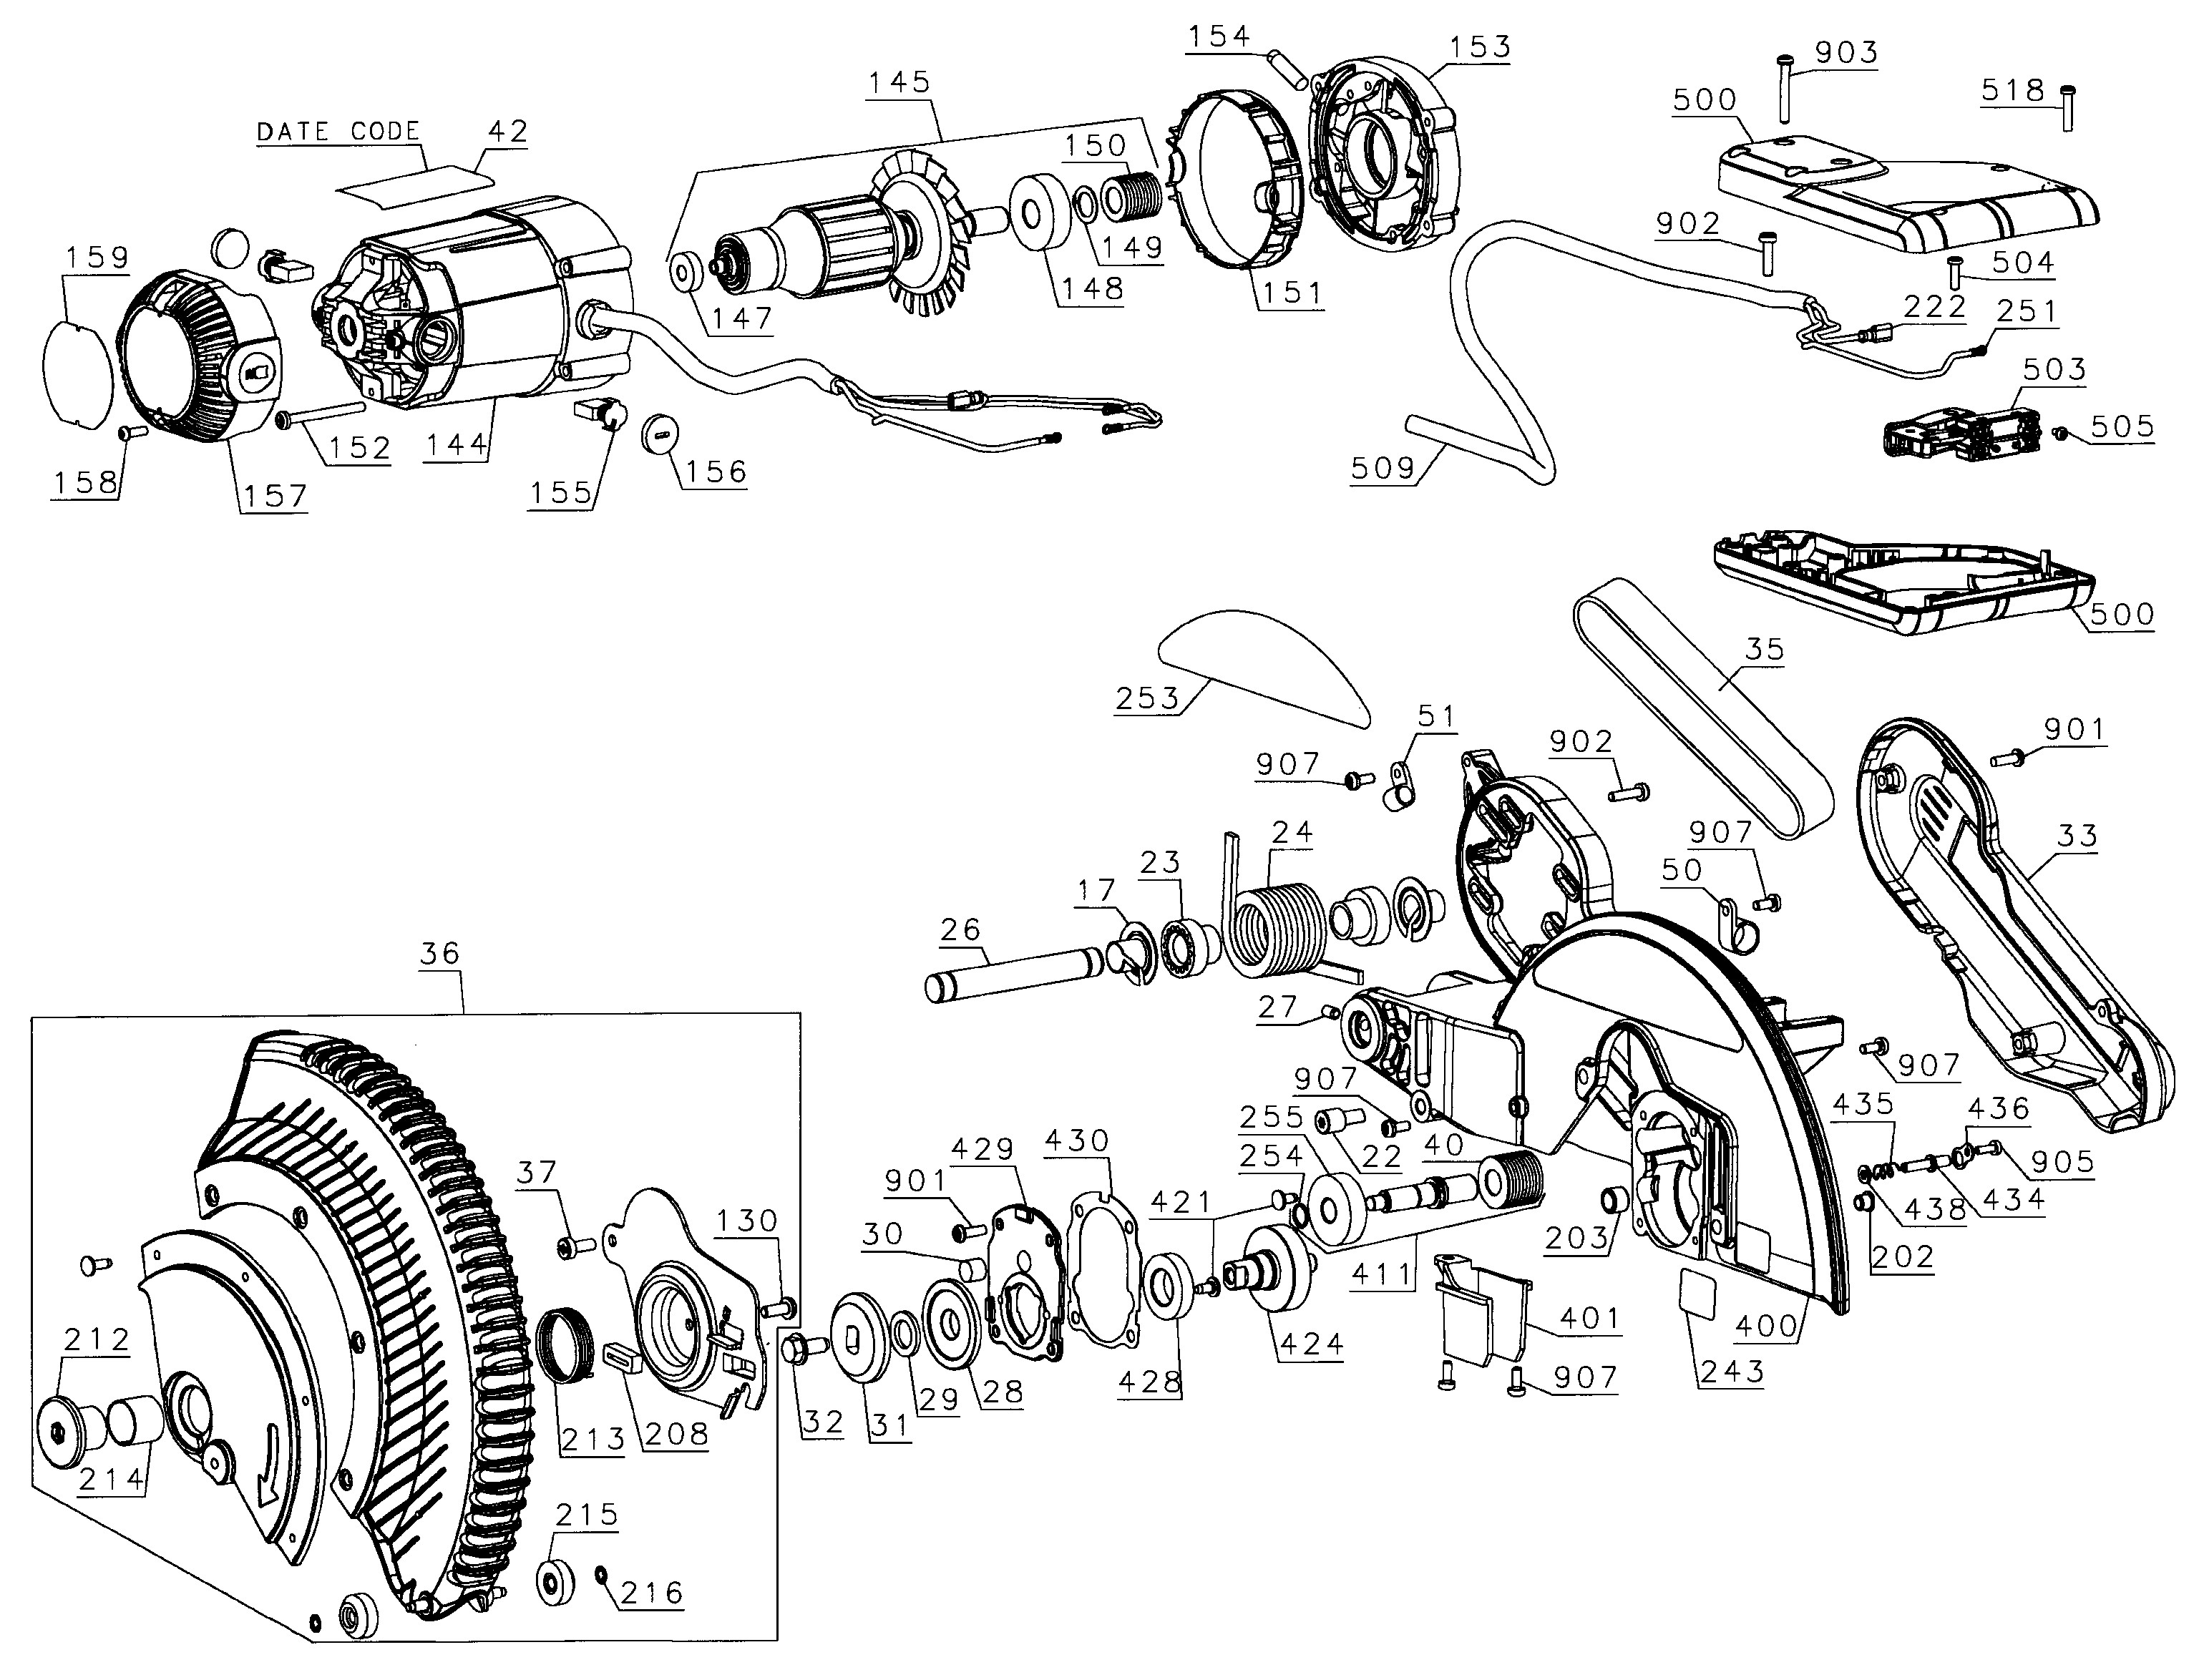 Dewalt Miter Saw Parts Diagram